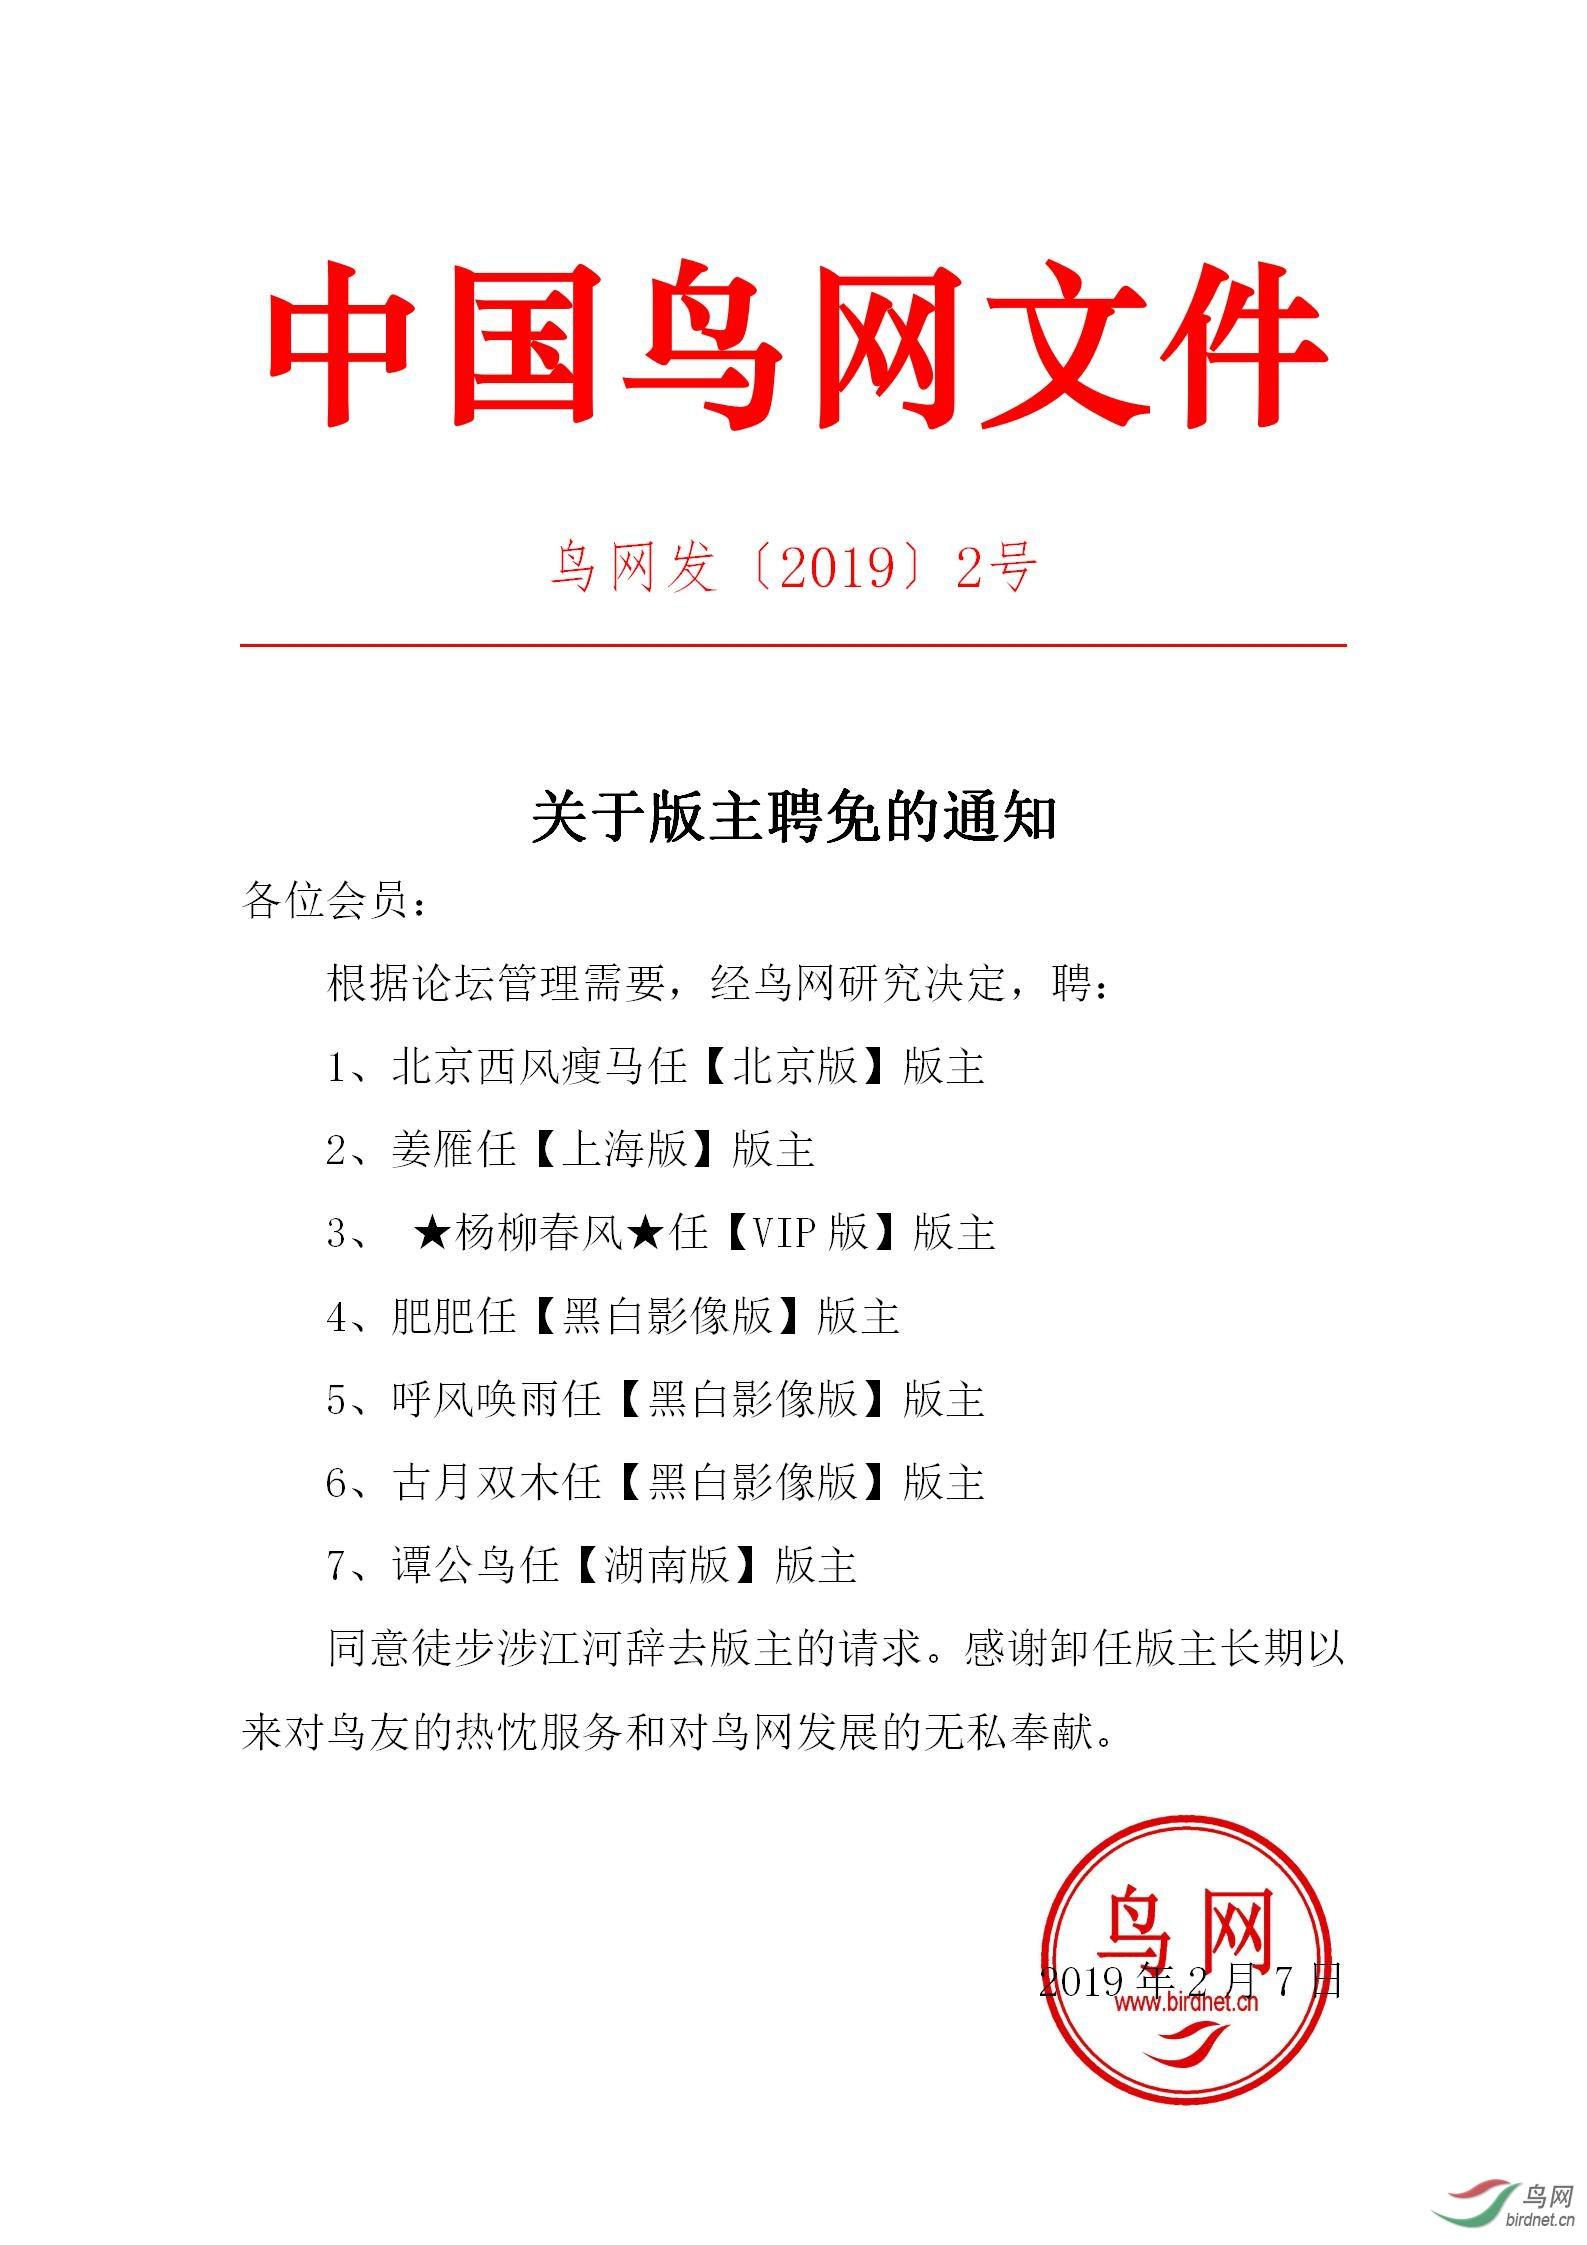 中国野生动物保护协会生态影像文化委员会红头文件(1)_01.jpg